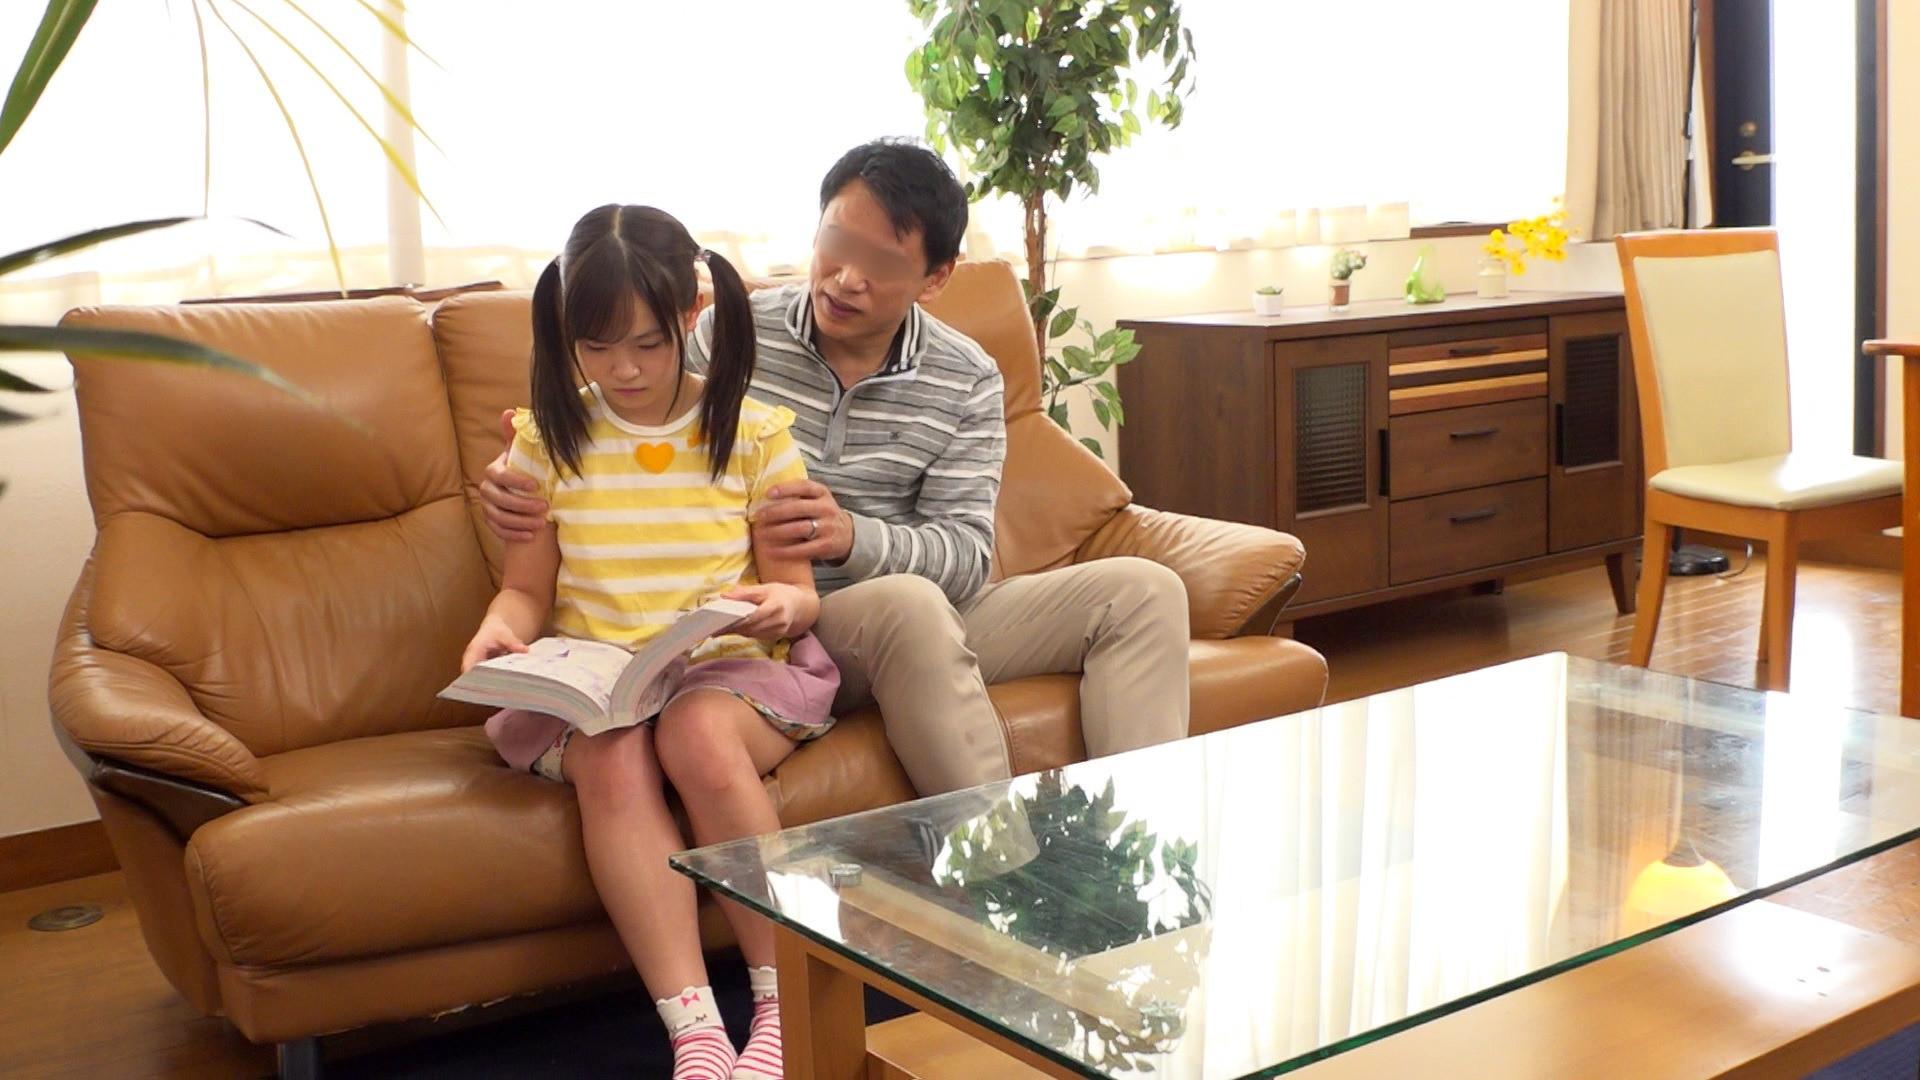 「パパの赤ちゃんが欲しいの!」小さすぎる連れ子とパパのいびつな愛の日常、そして中出しへと・・・ ららちゃん 画像1